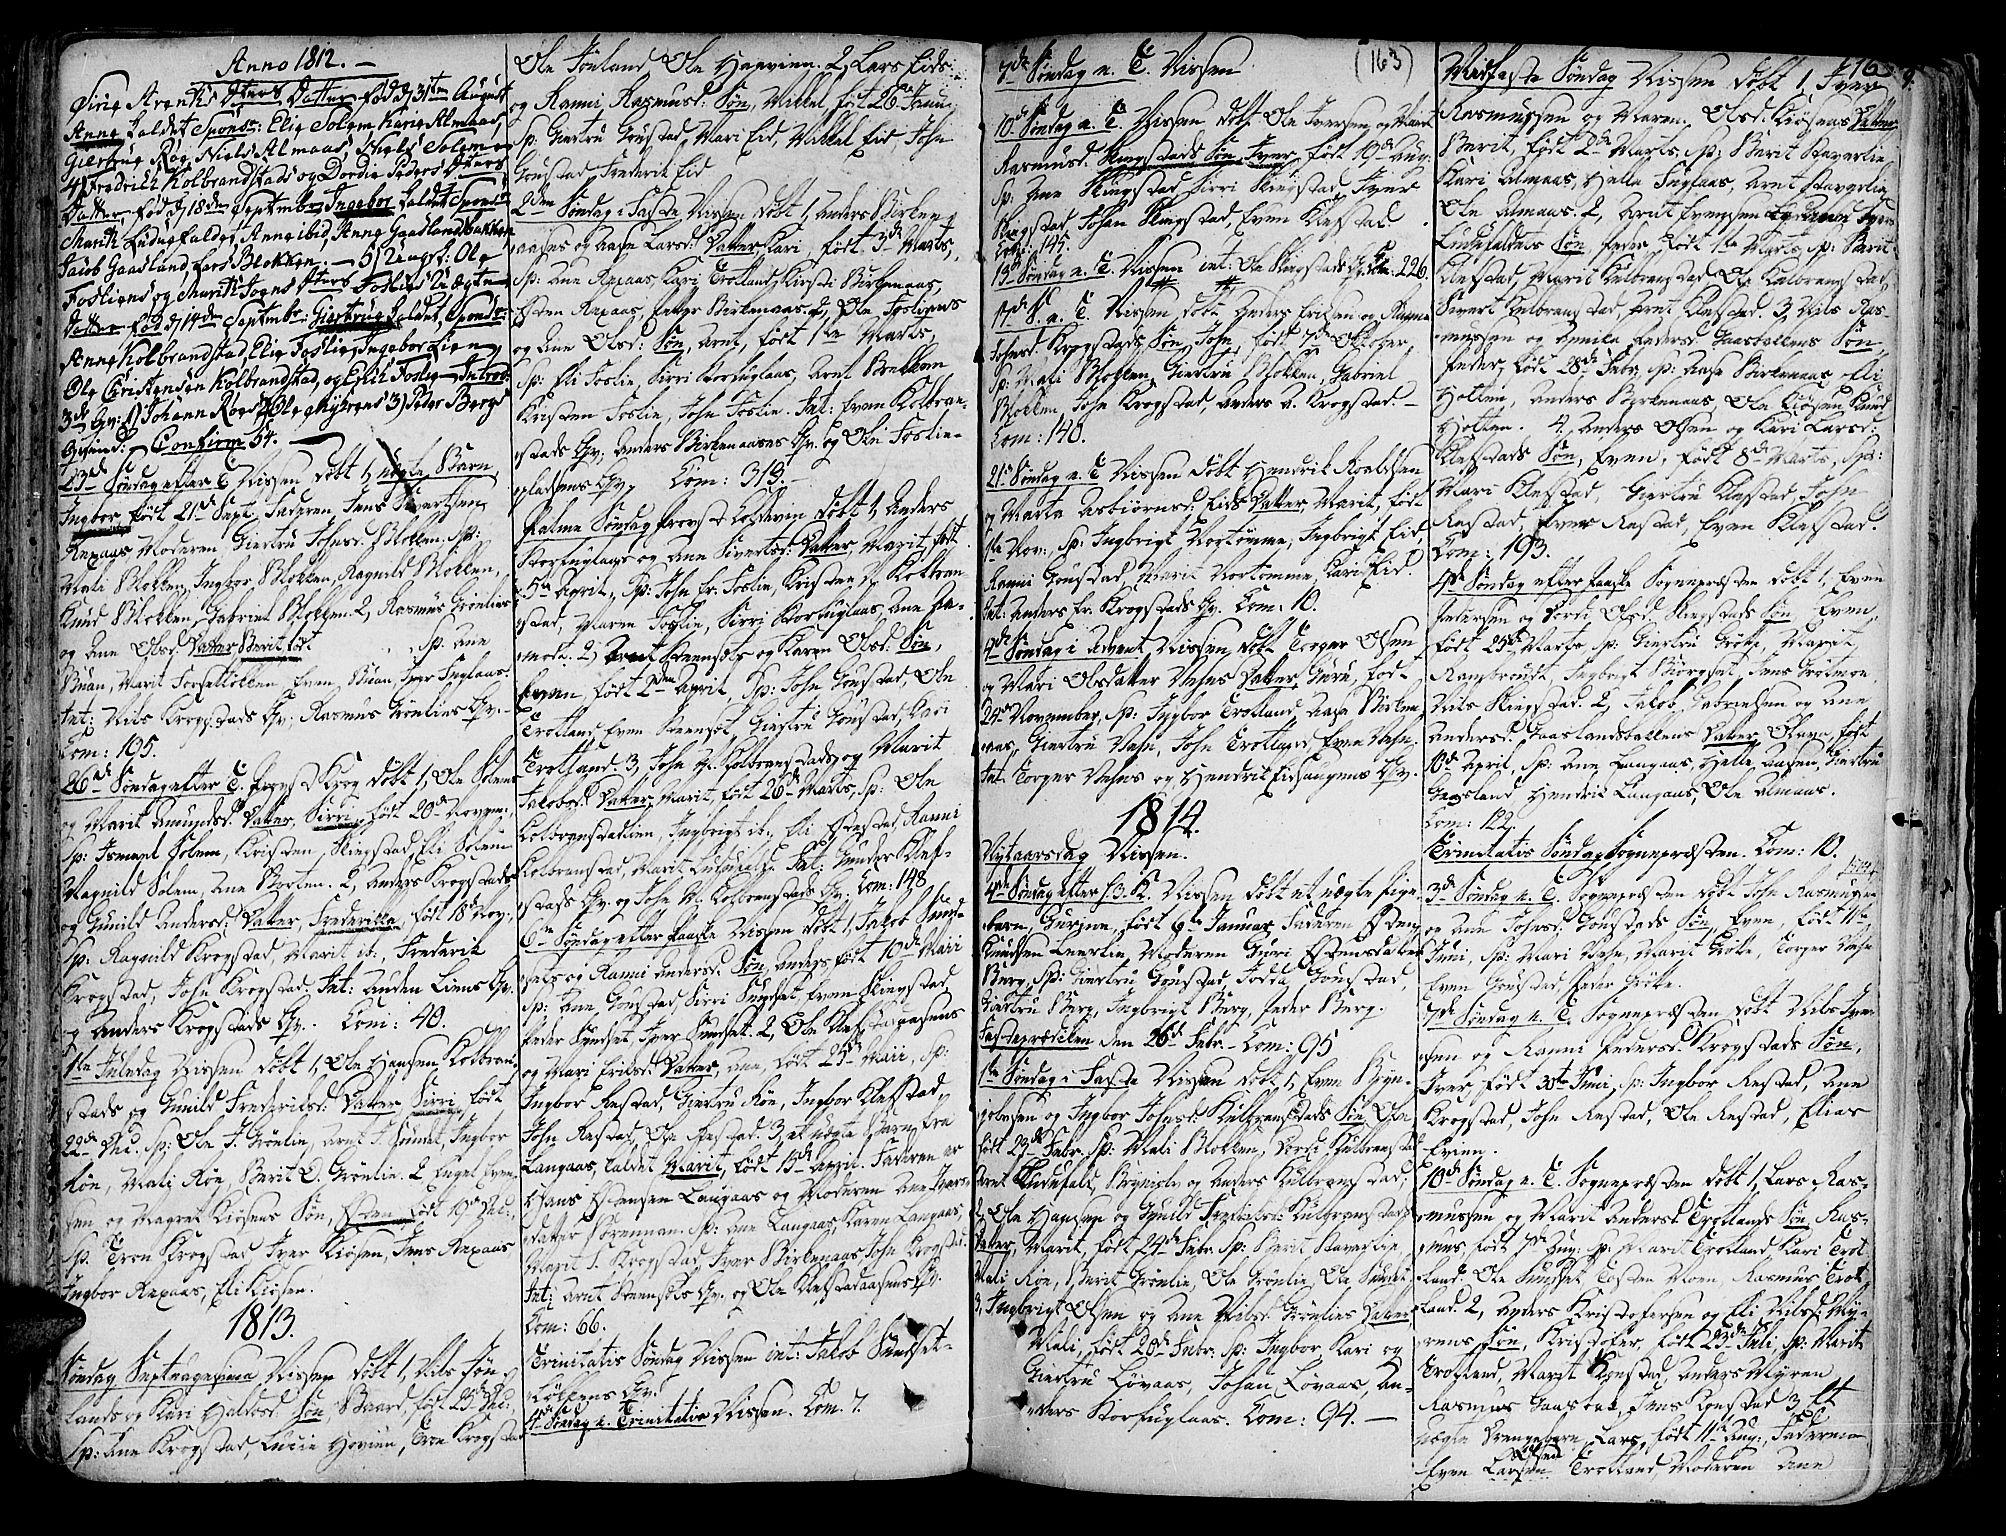 SAT, Ministerialprotokoller, klokkerbøker og fødselsregistre - Sør-Trøndelag, 691/L1064: Ministerialbok nr. 691A02 /4, 1768-1815, s. 163